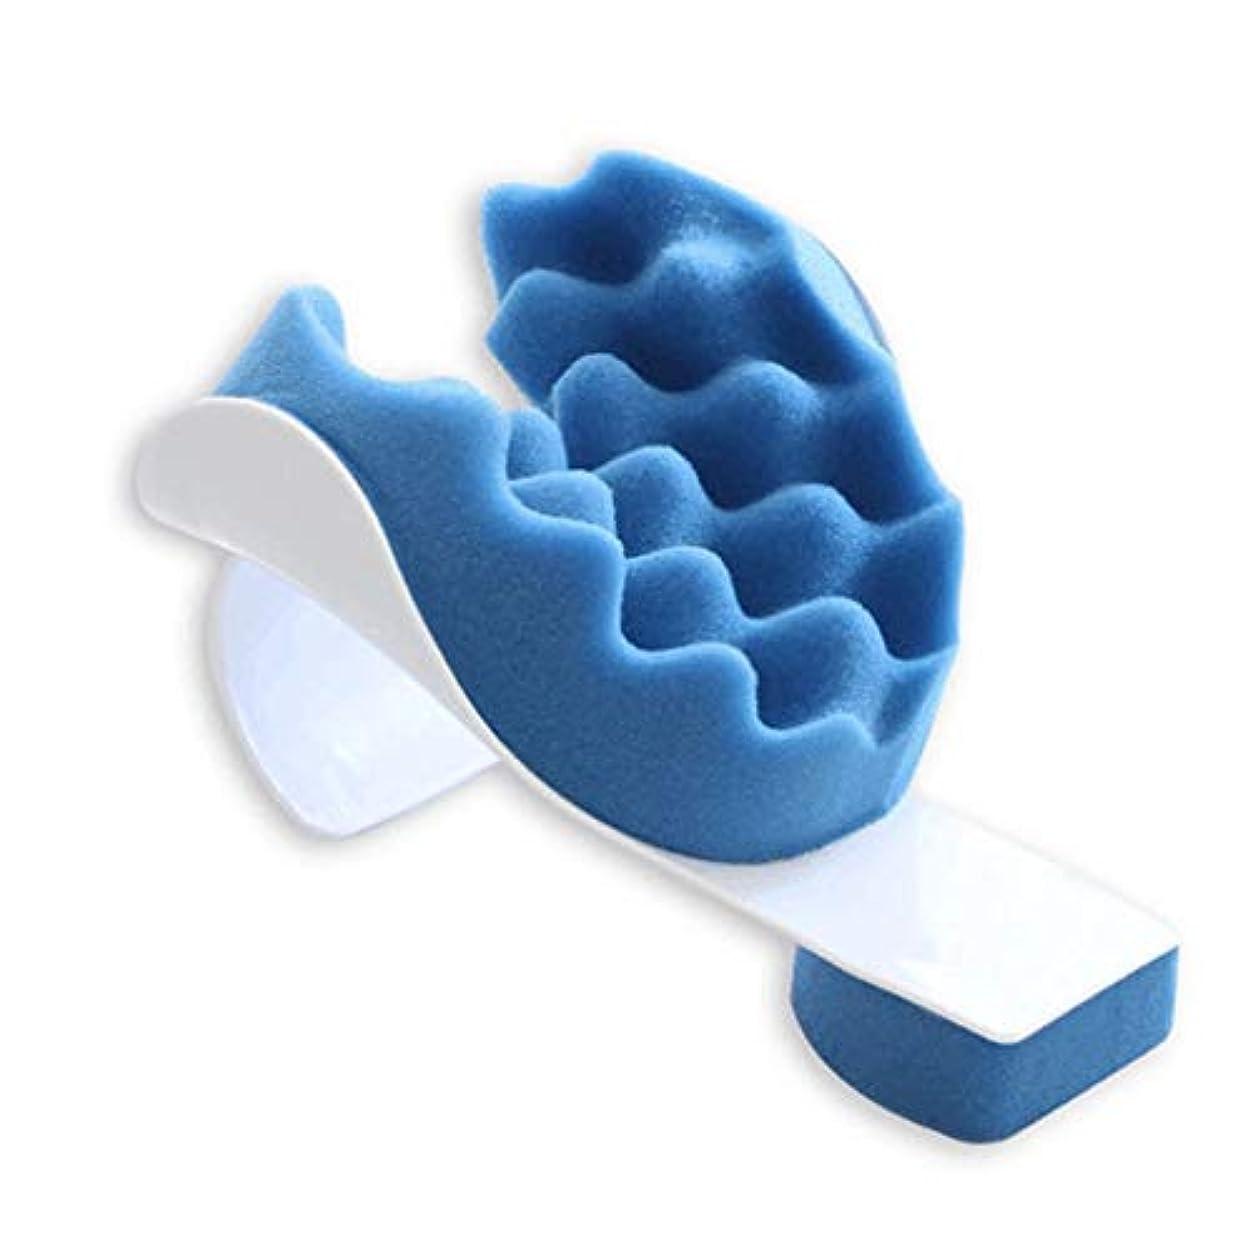 お風呂乗り出すシャックルEsolom マッサージ枕 首と肩のリラクゼーション 首の痛みの緩和 サポート肩リラクゼーションマッサージ牽引枕 ポータブル 頭と首のマッサージ枕